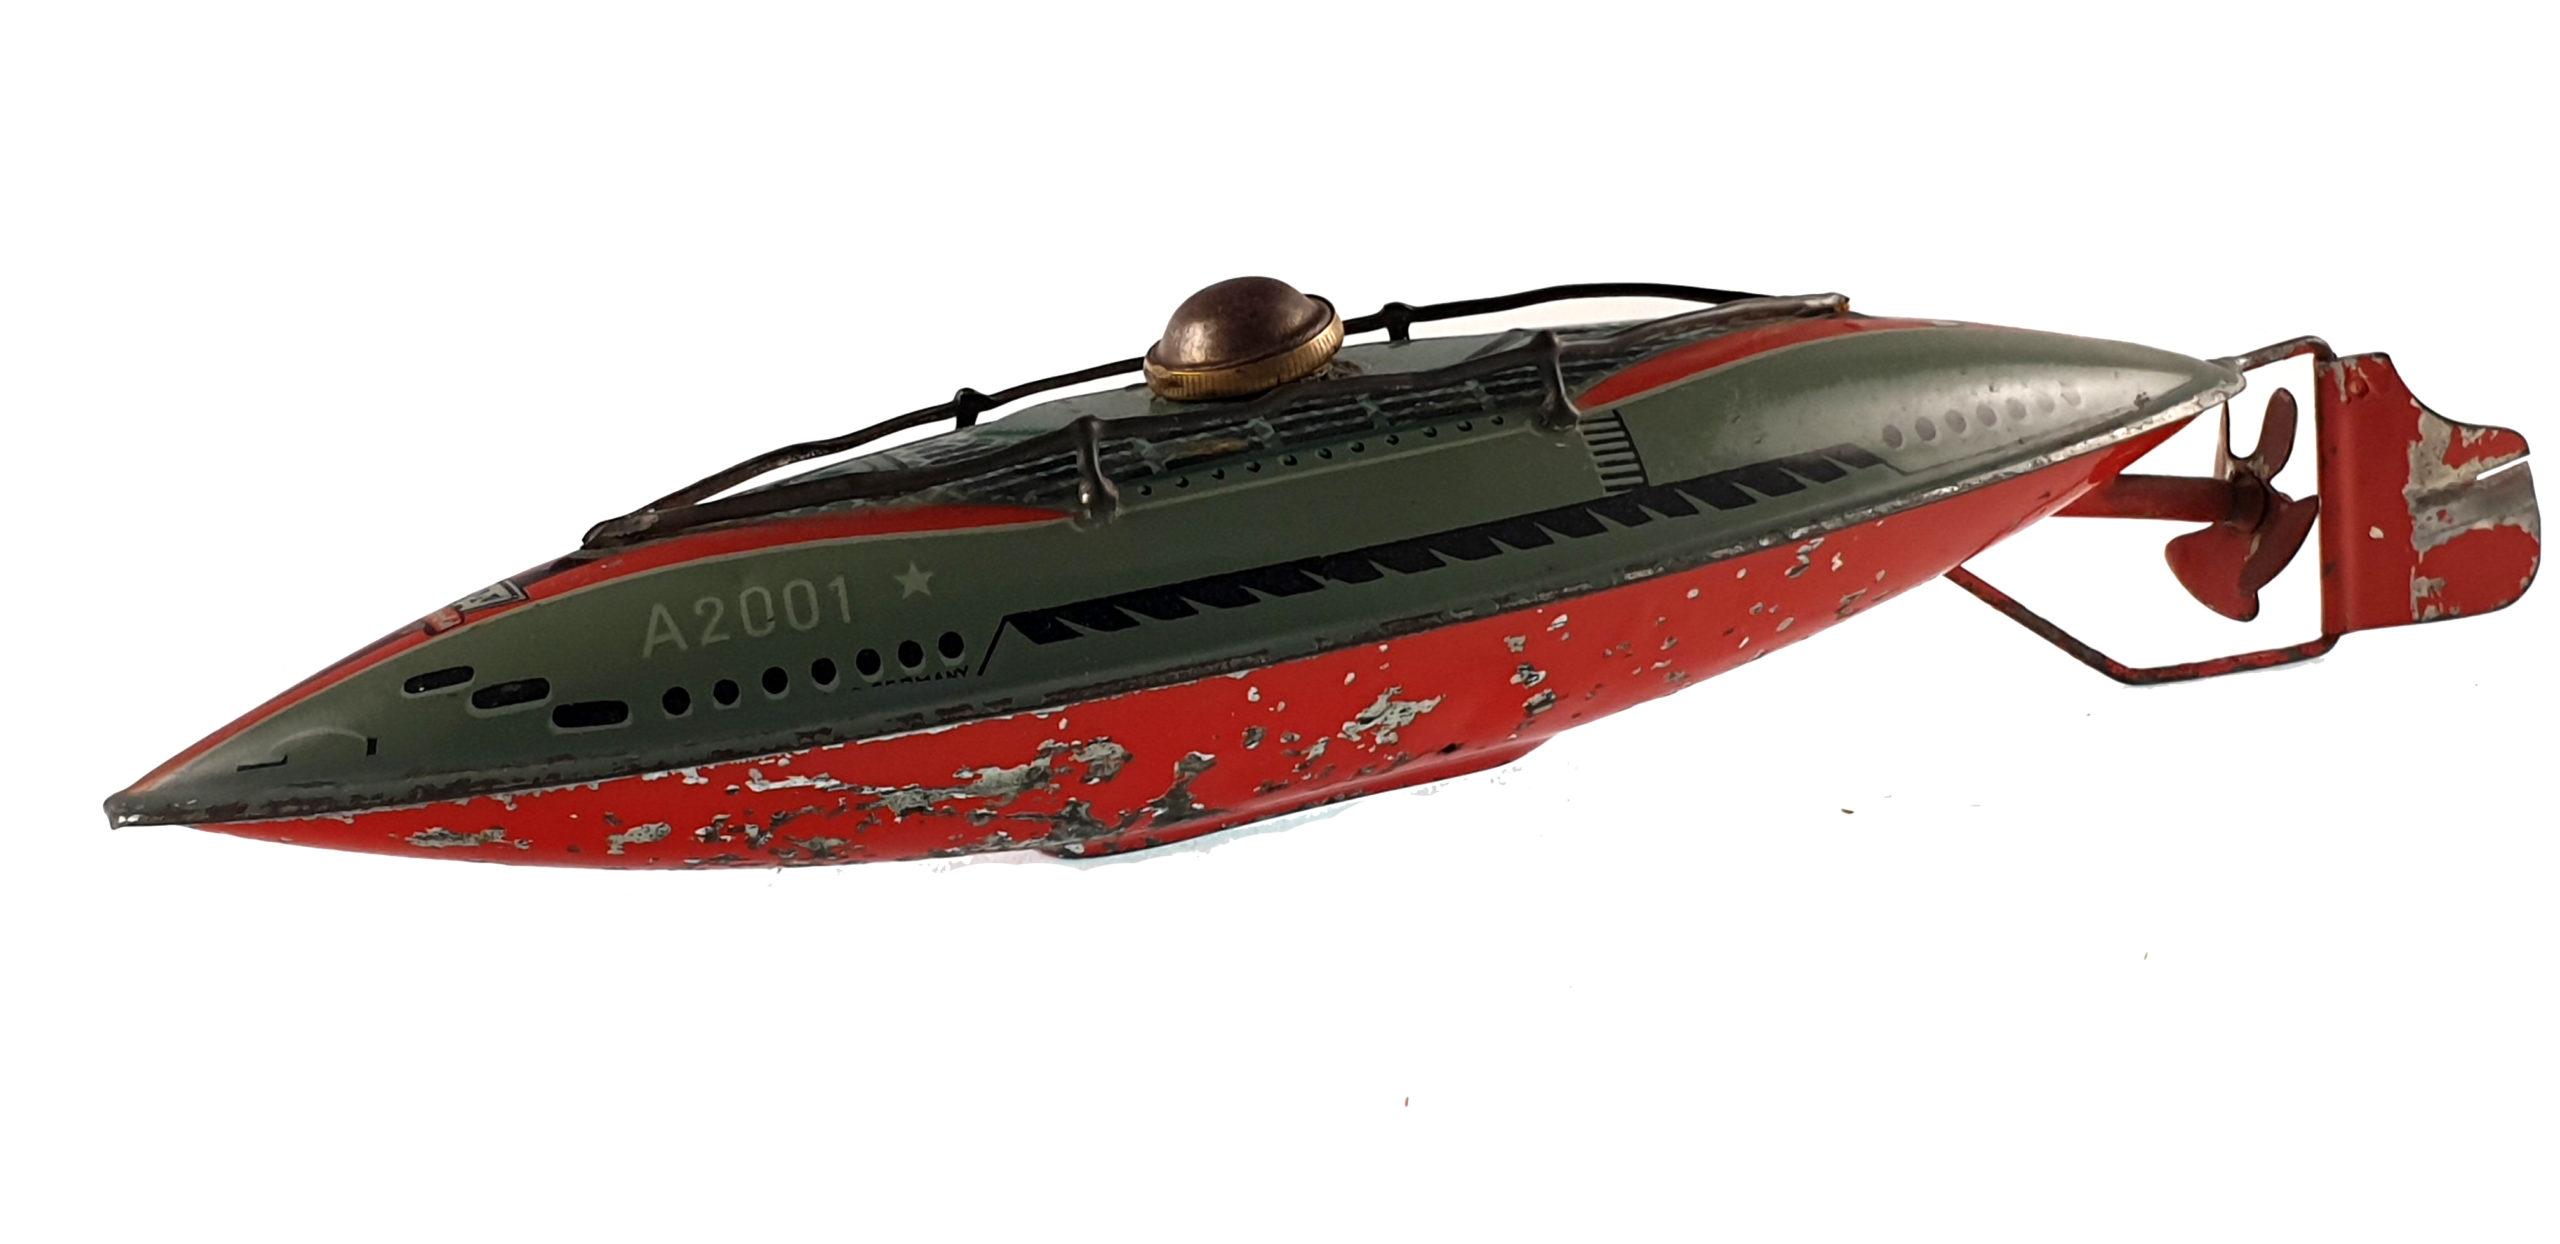 SottomarinoA 2001